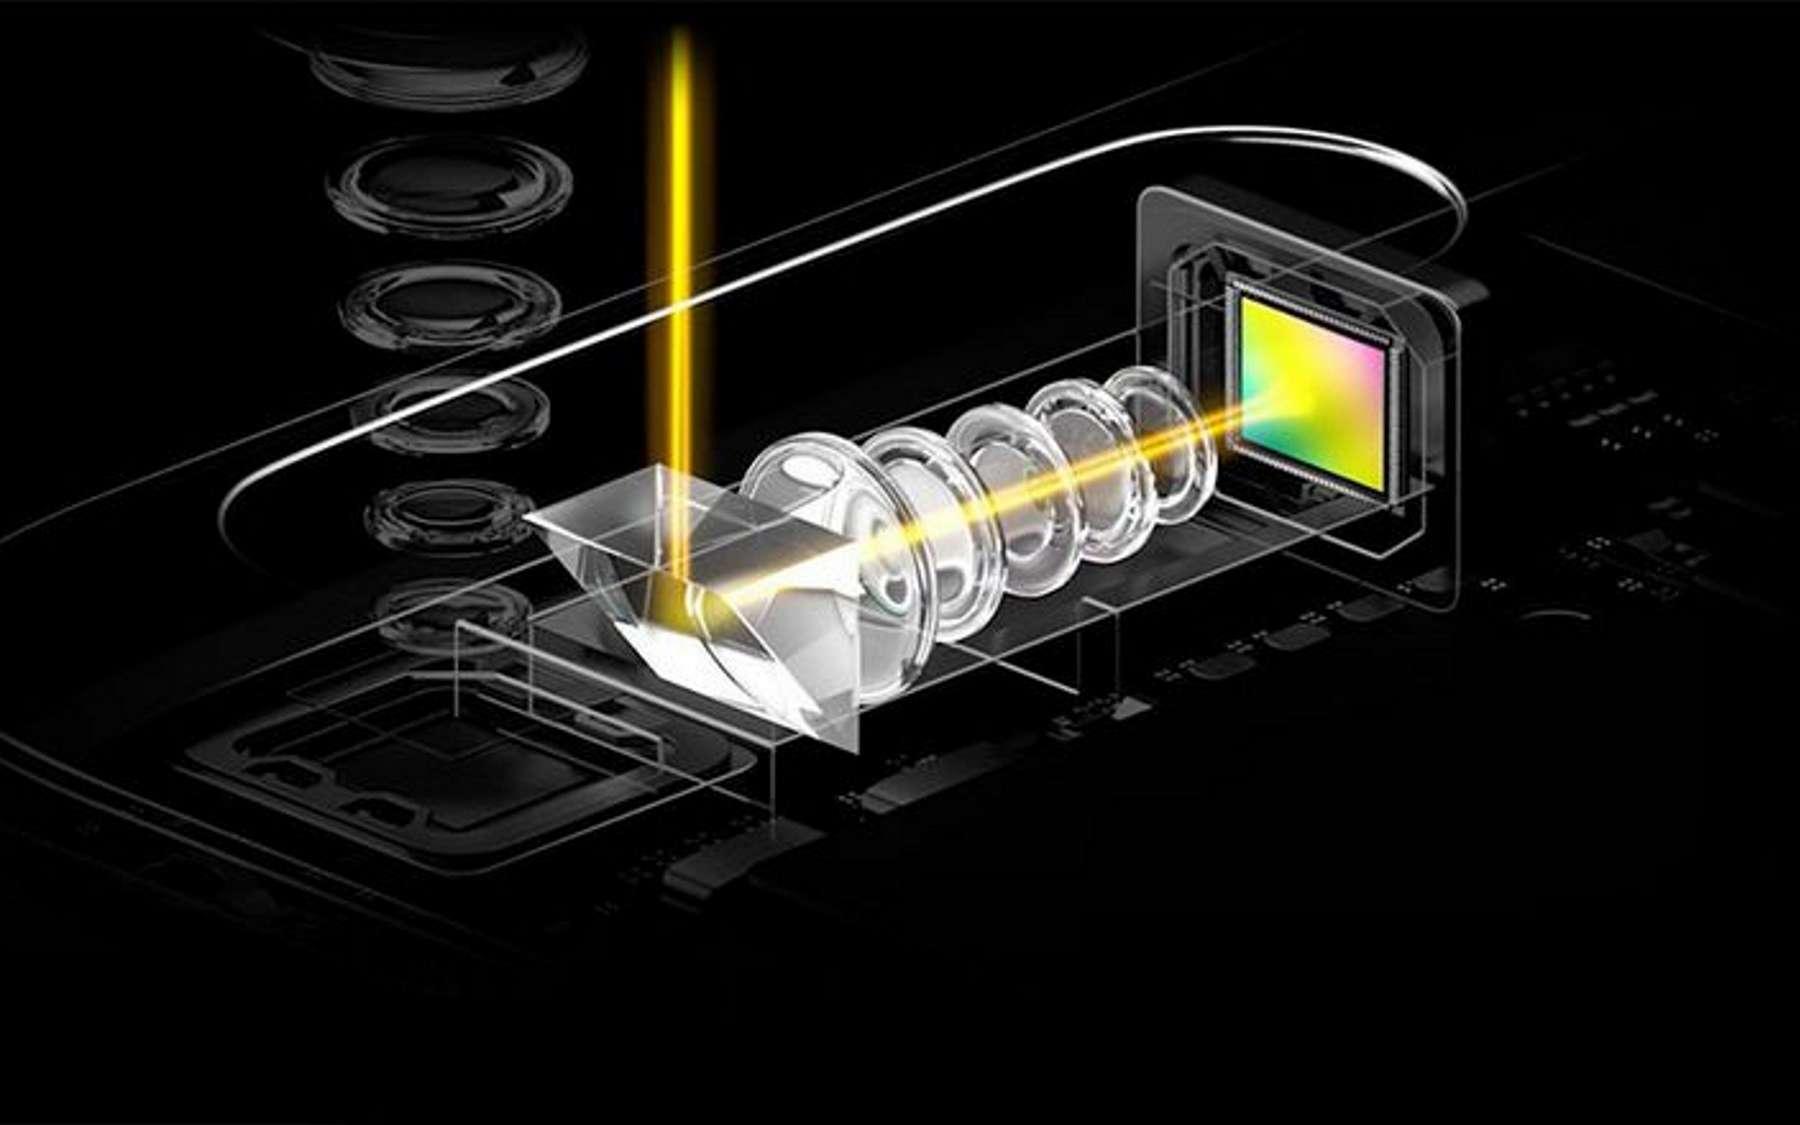 Le Chinois Oppo pourrait dévoiler un mobile doté d'un véritable zoom grossissant 10 fois. Il dispose de deux modules dont l'un repose sur le procédé du périscope afin d'éloigner les lentilles. © Oppo